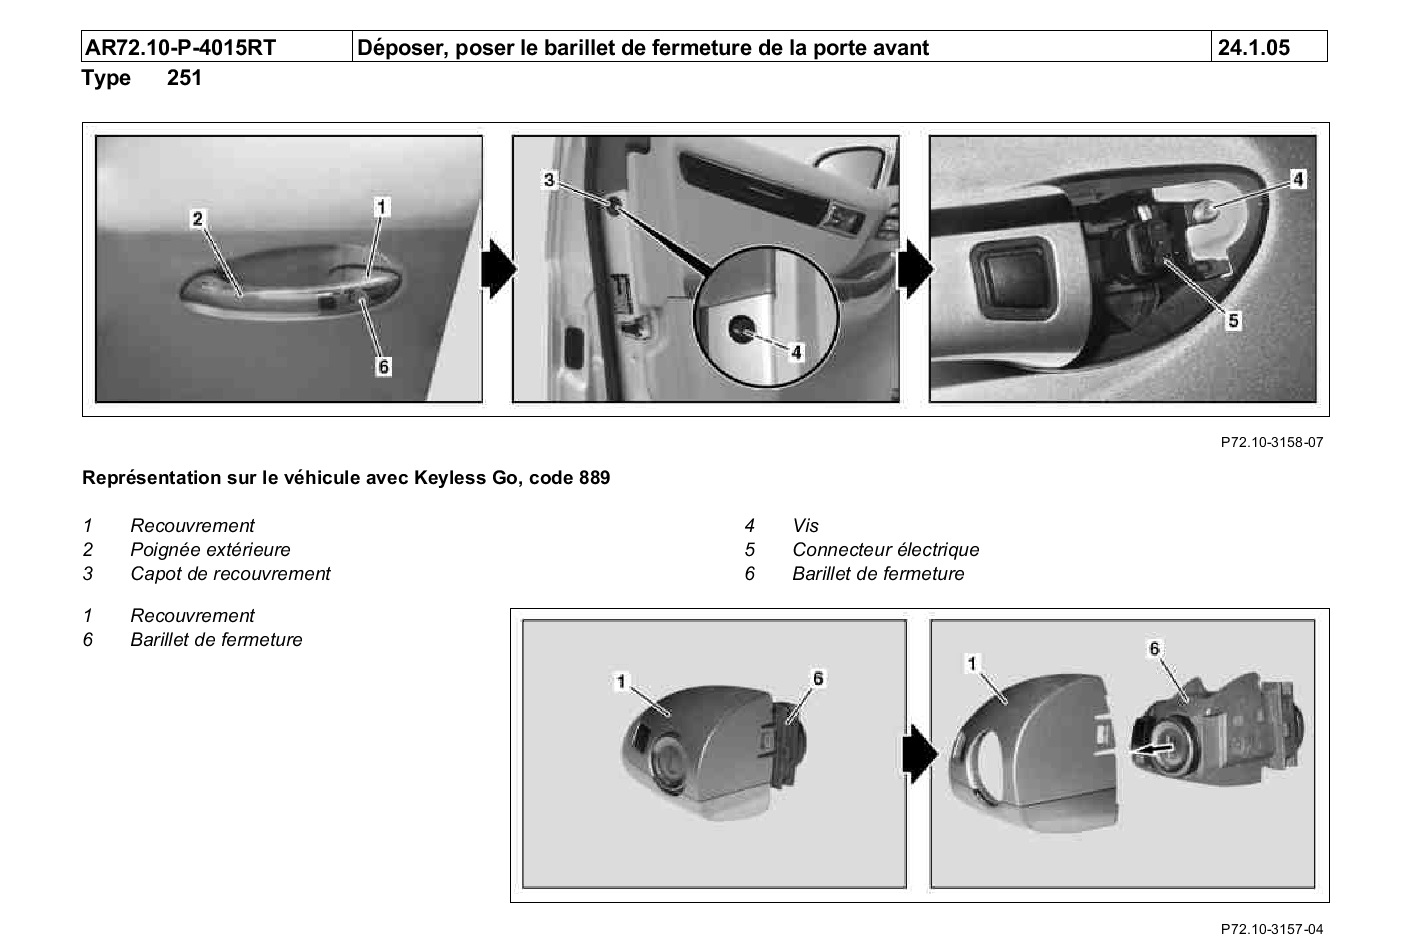 depose-barillet-WDC2511721A057859-1.jpg